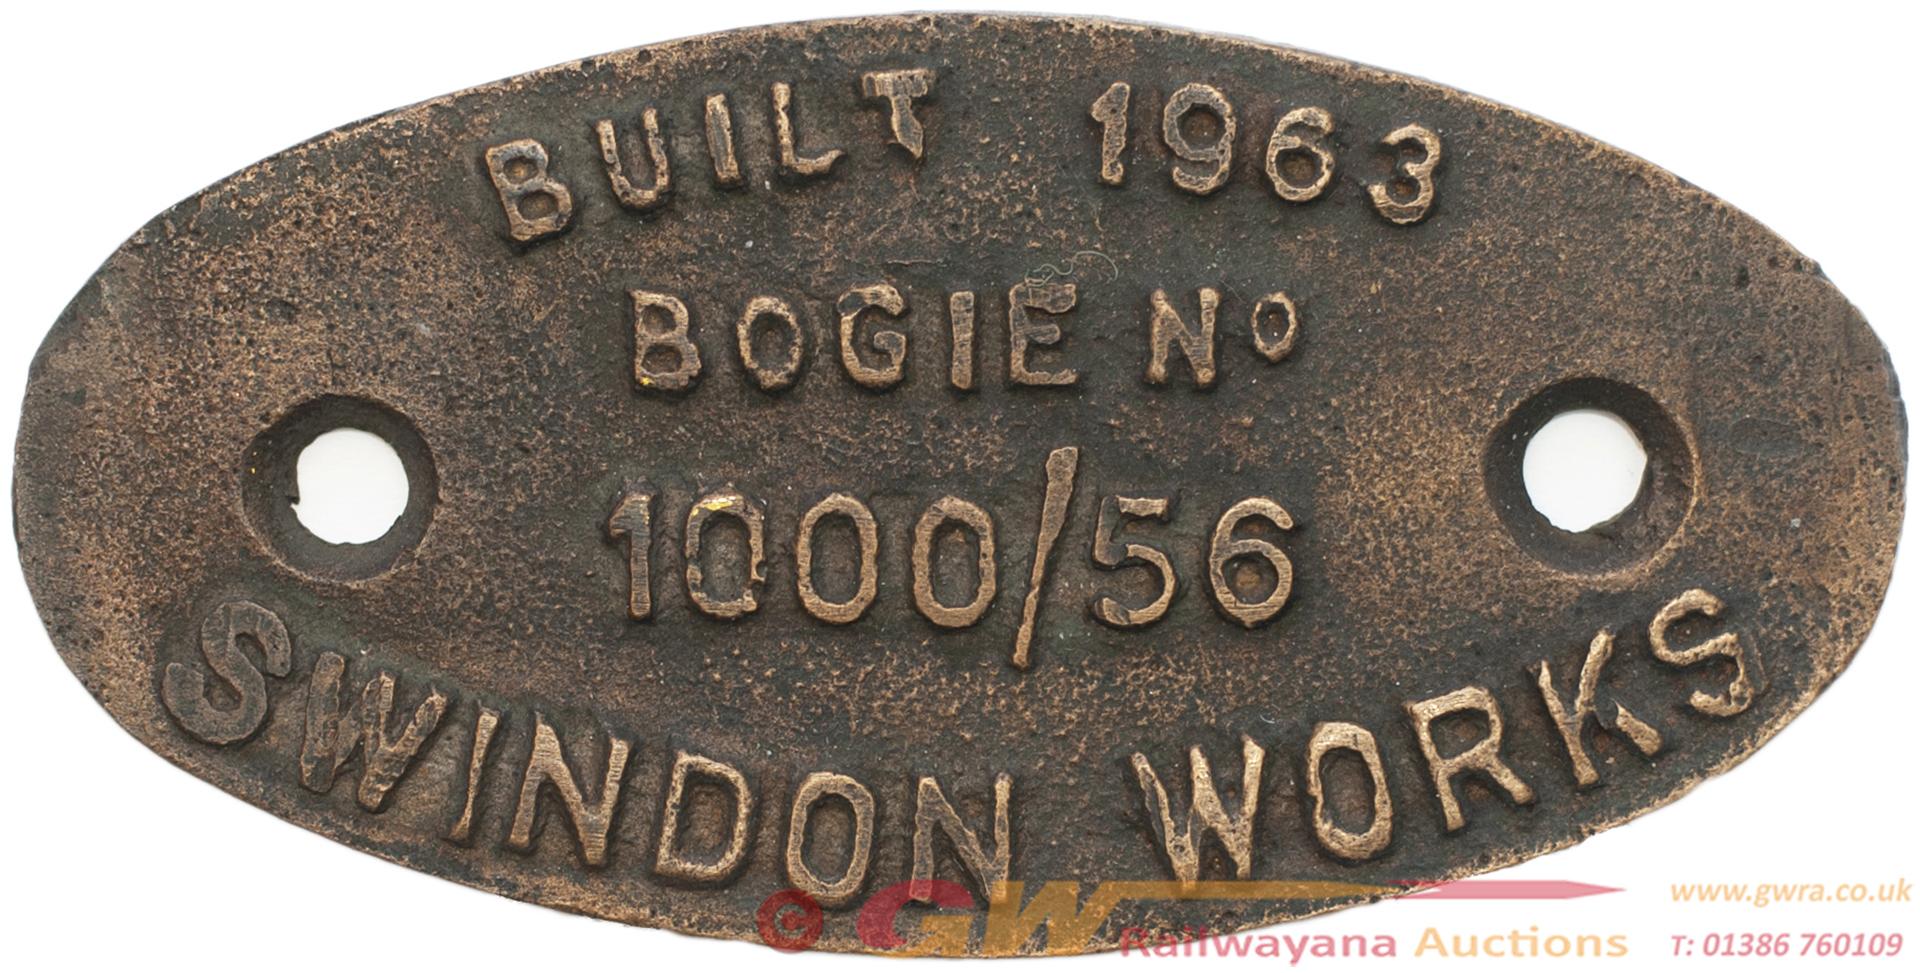 British Railways Western Hydraulic Locomotive